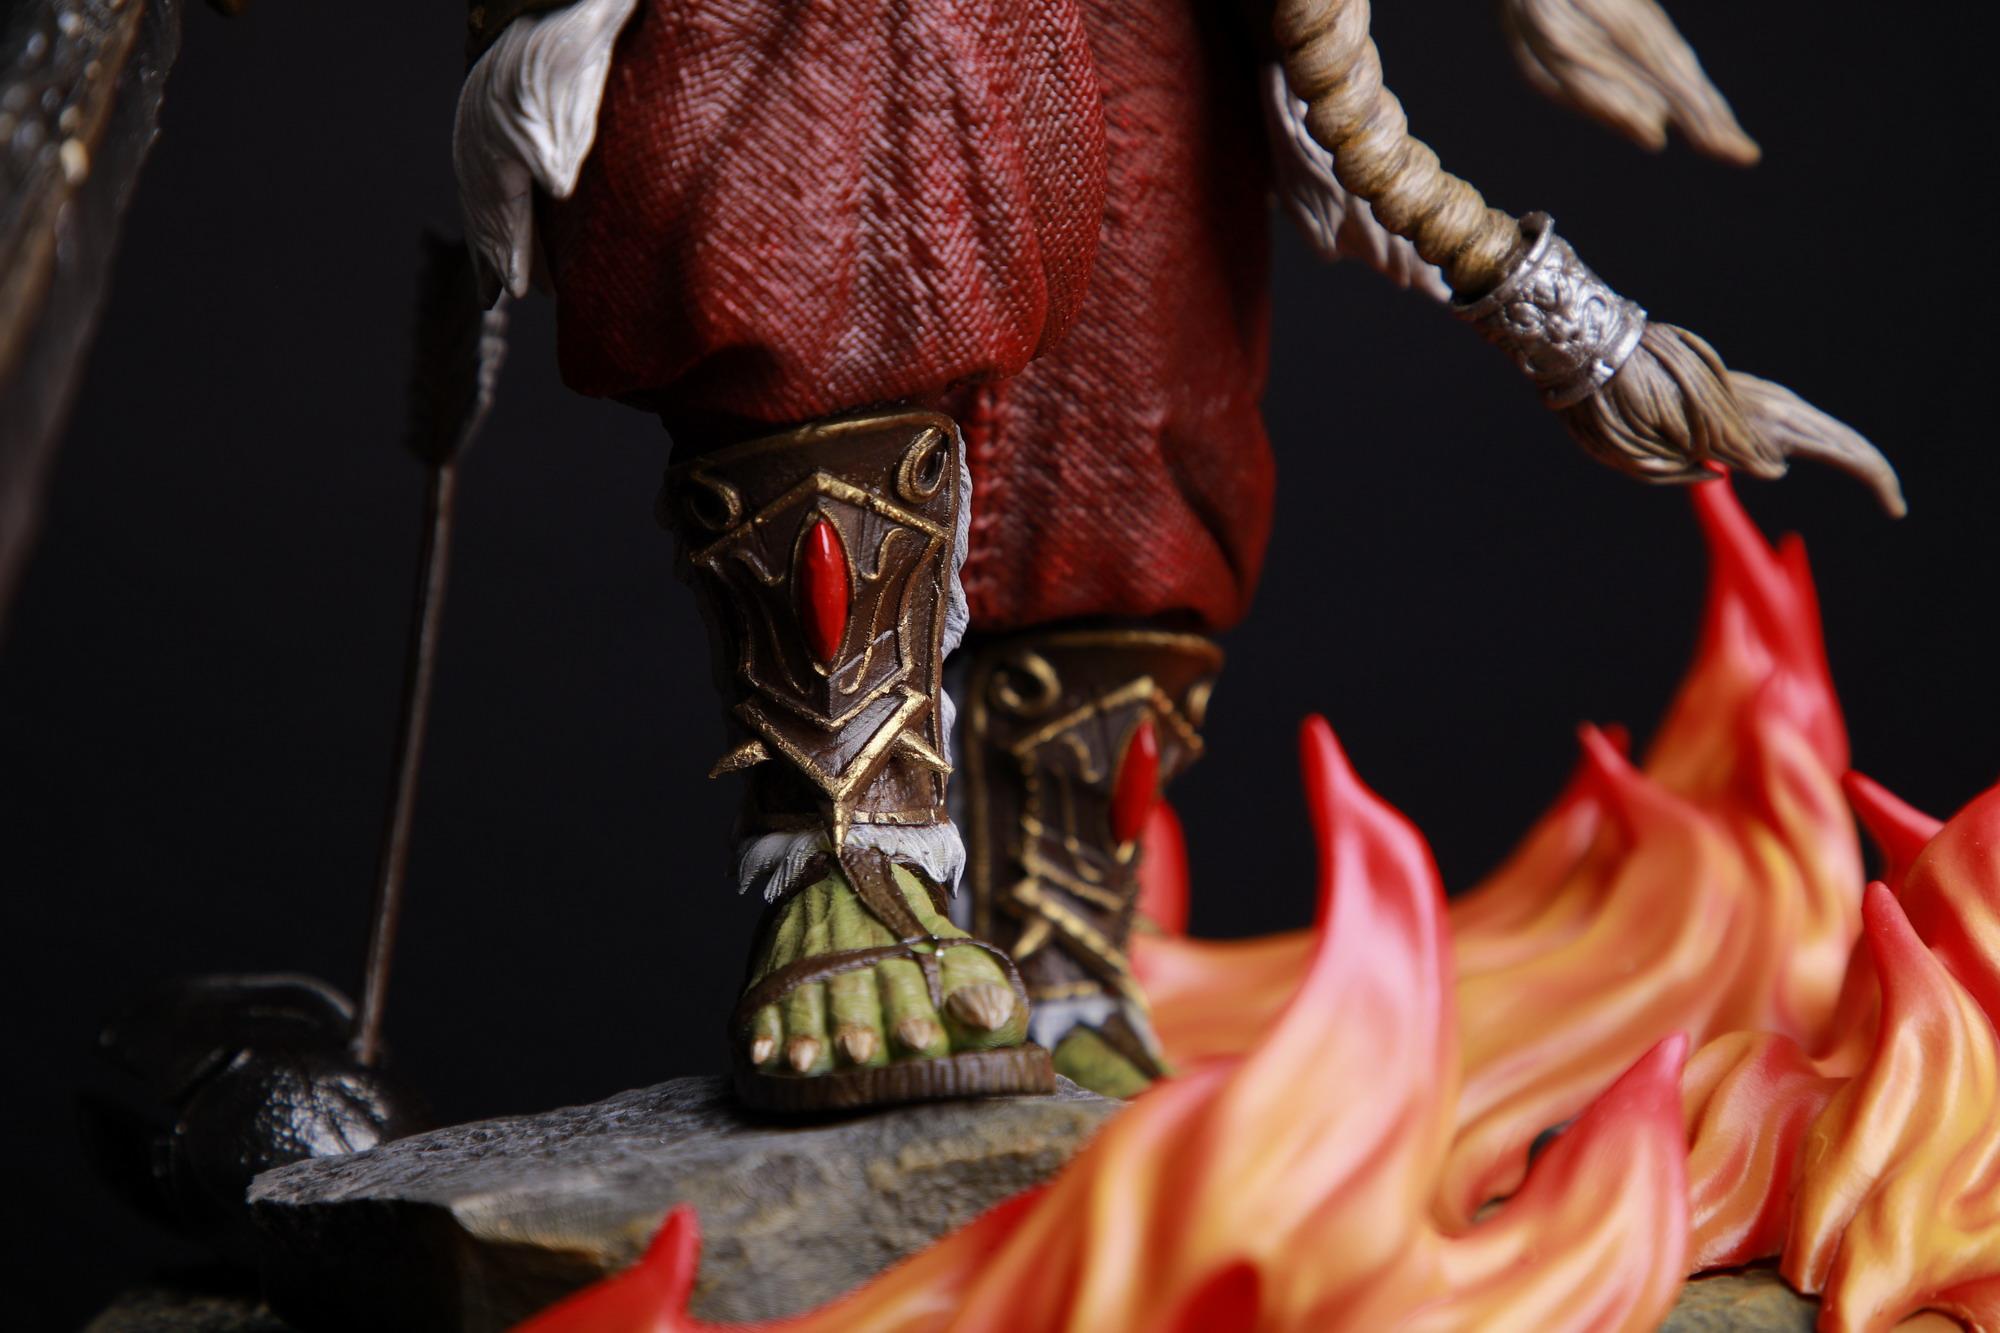 《魔兽争霸3》剑圣雕像!精雕细琢 霸气展露无遗